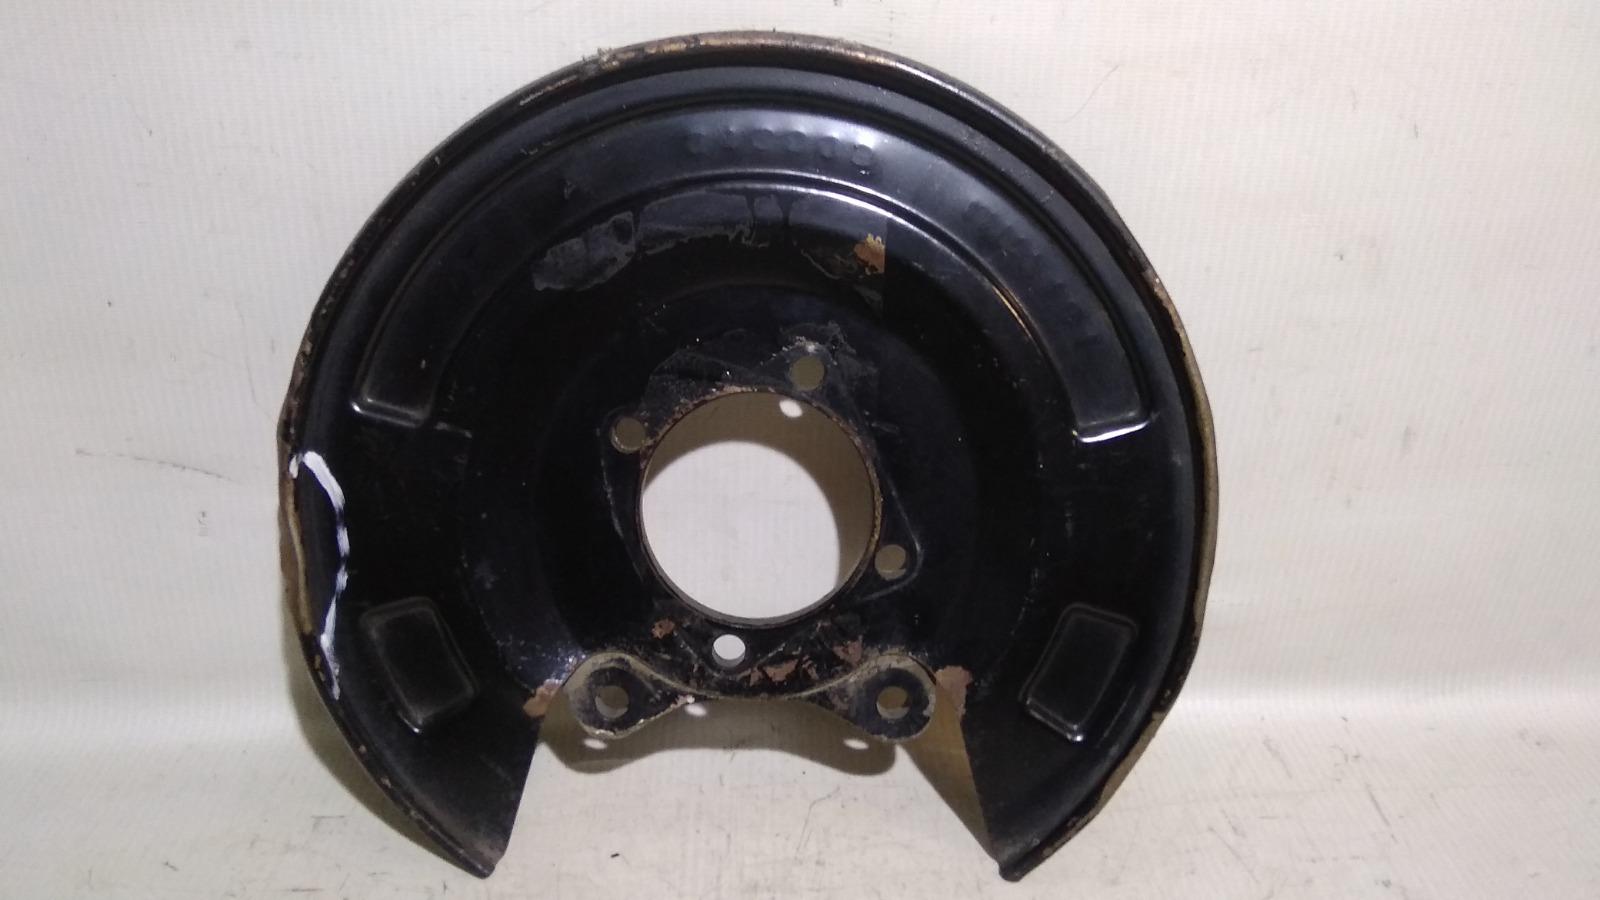 Щиток тормозного механизма Geely Emgrand Ec7 FE-1 JL4G18 2008> задний правый